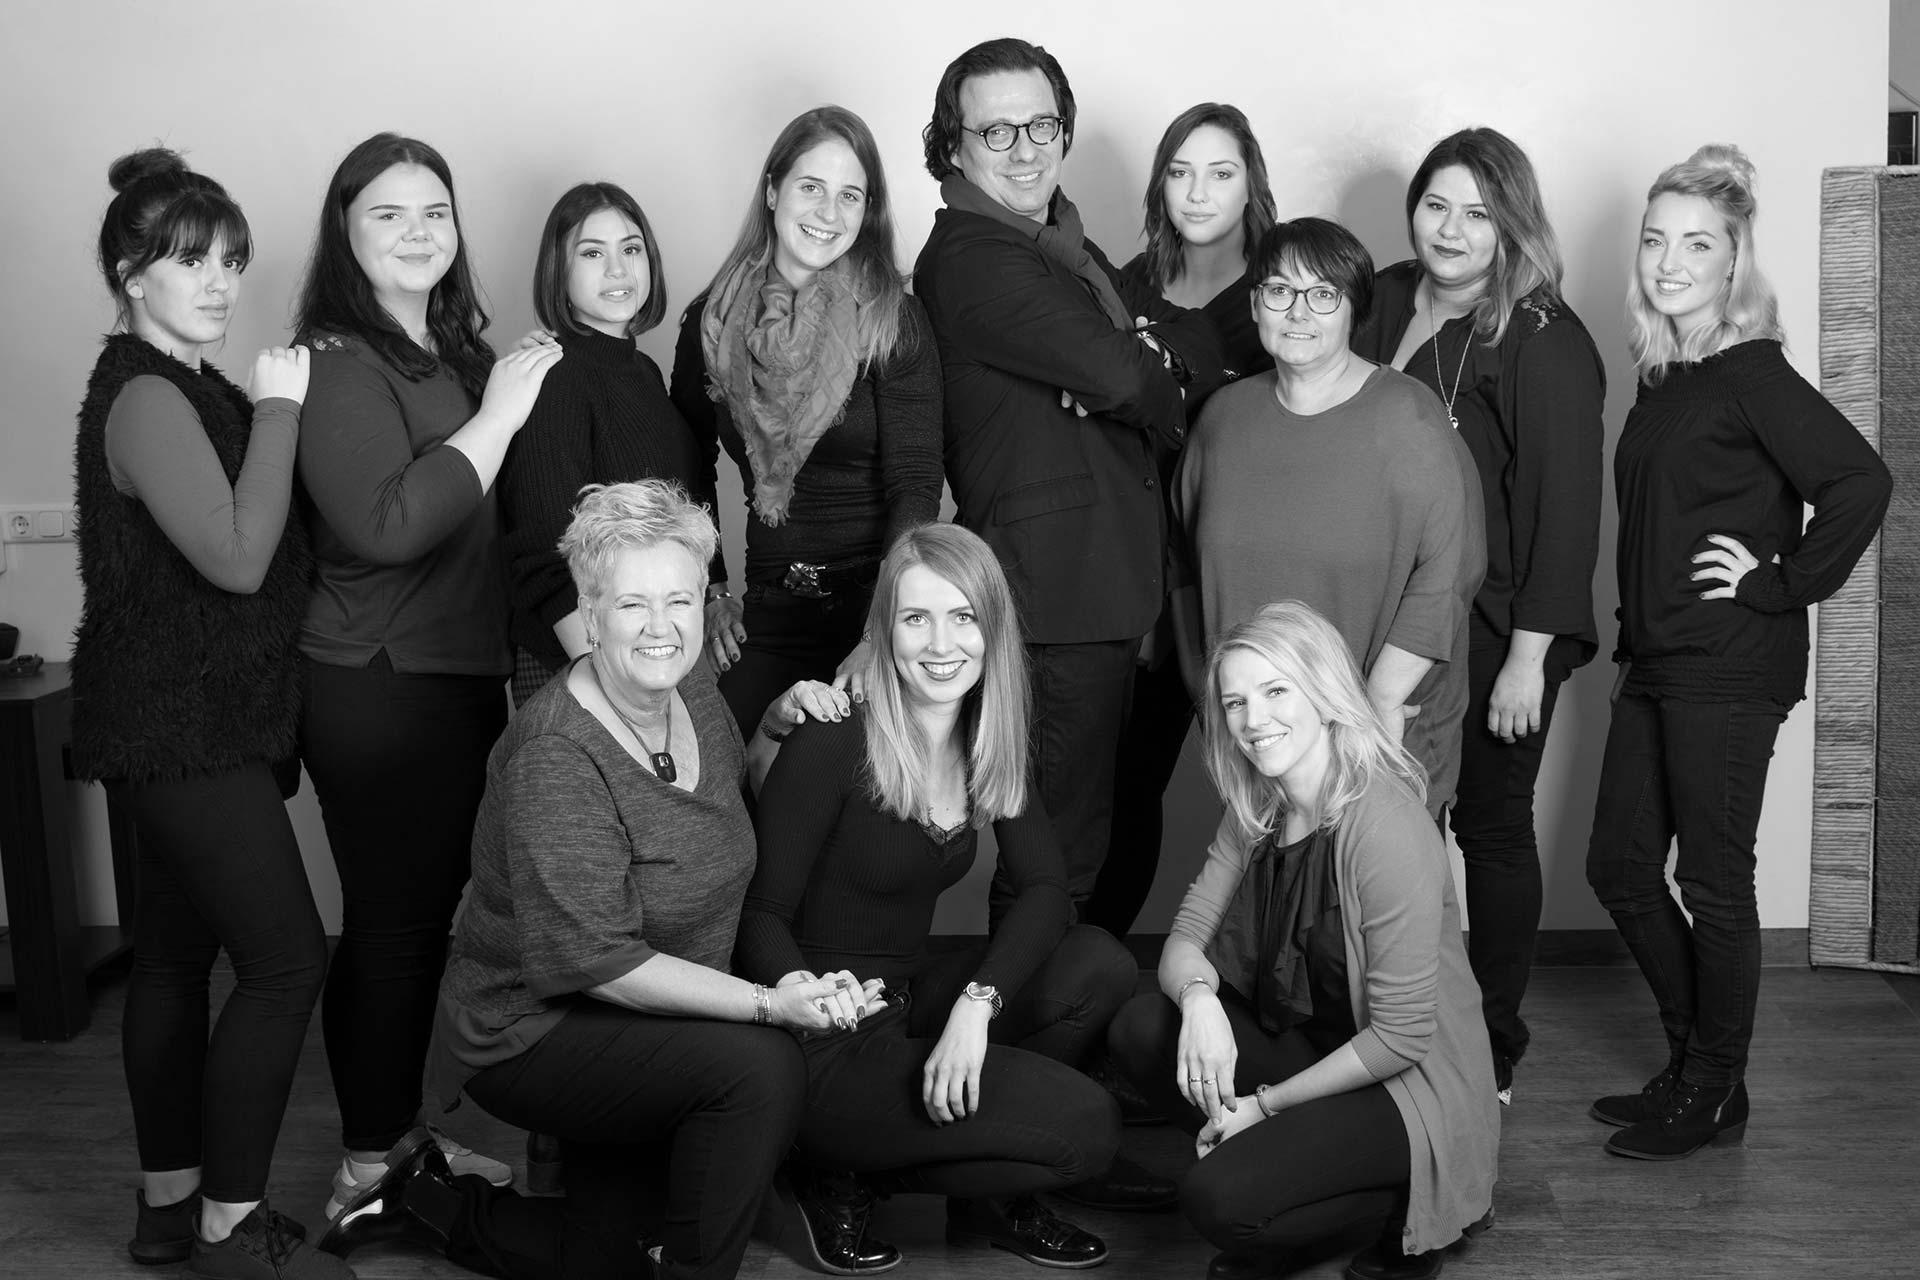 Teamfoto des Salon HaarSchnitt Hamburg